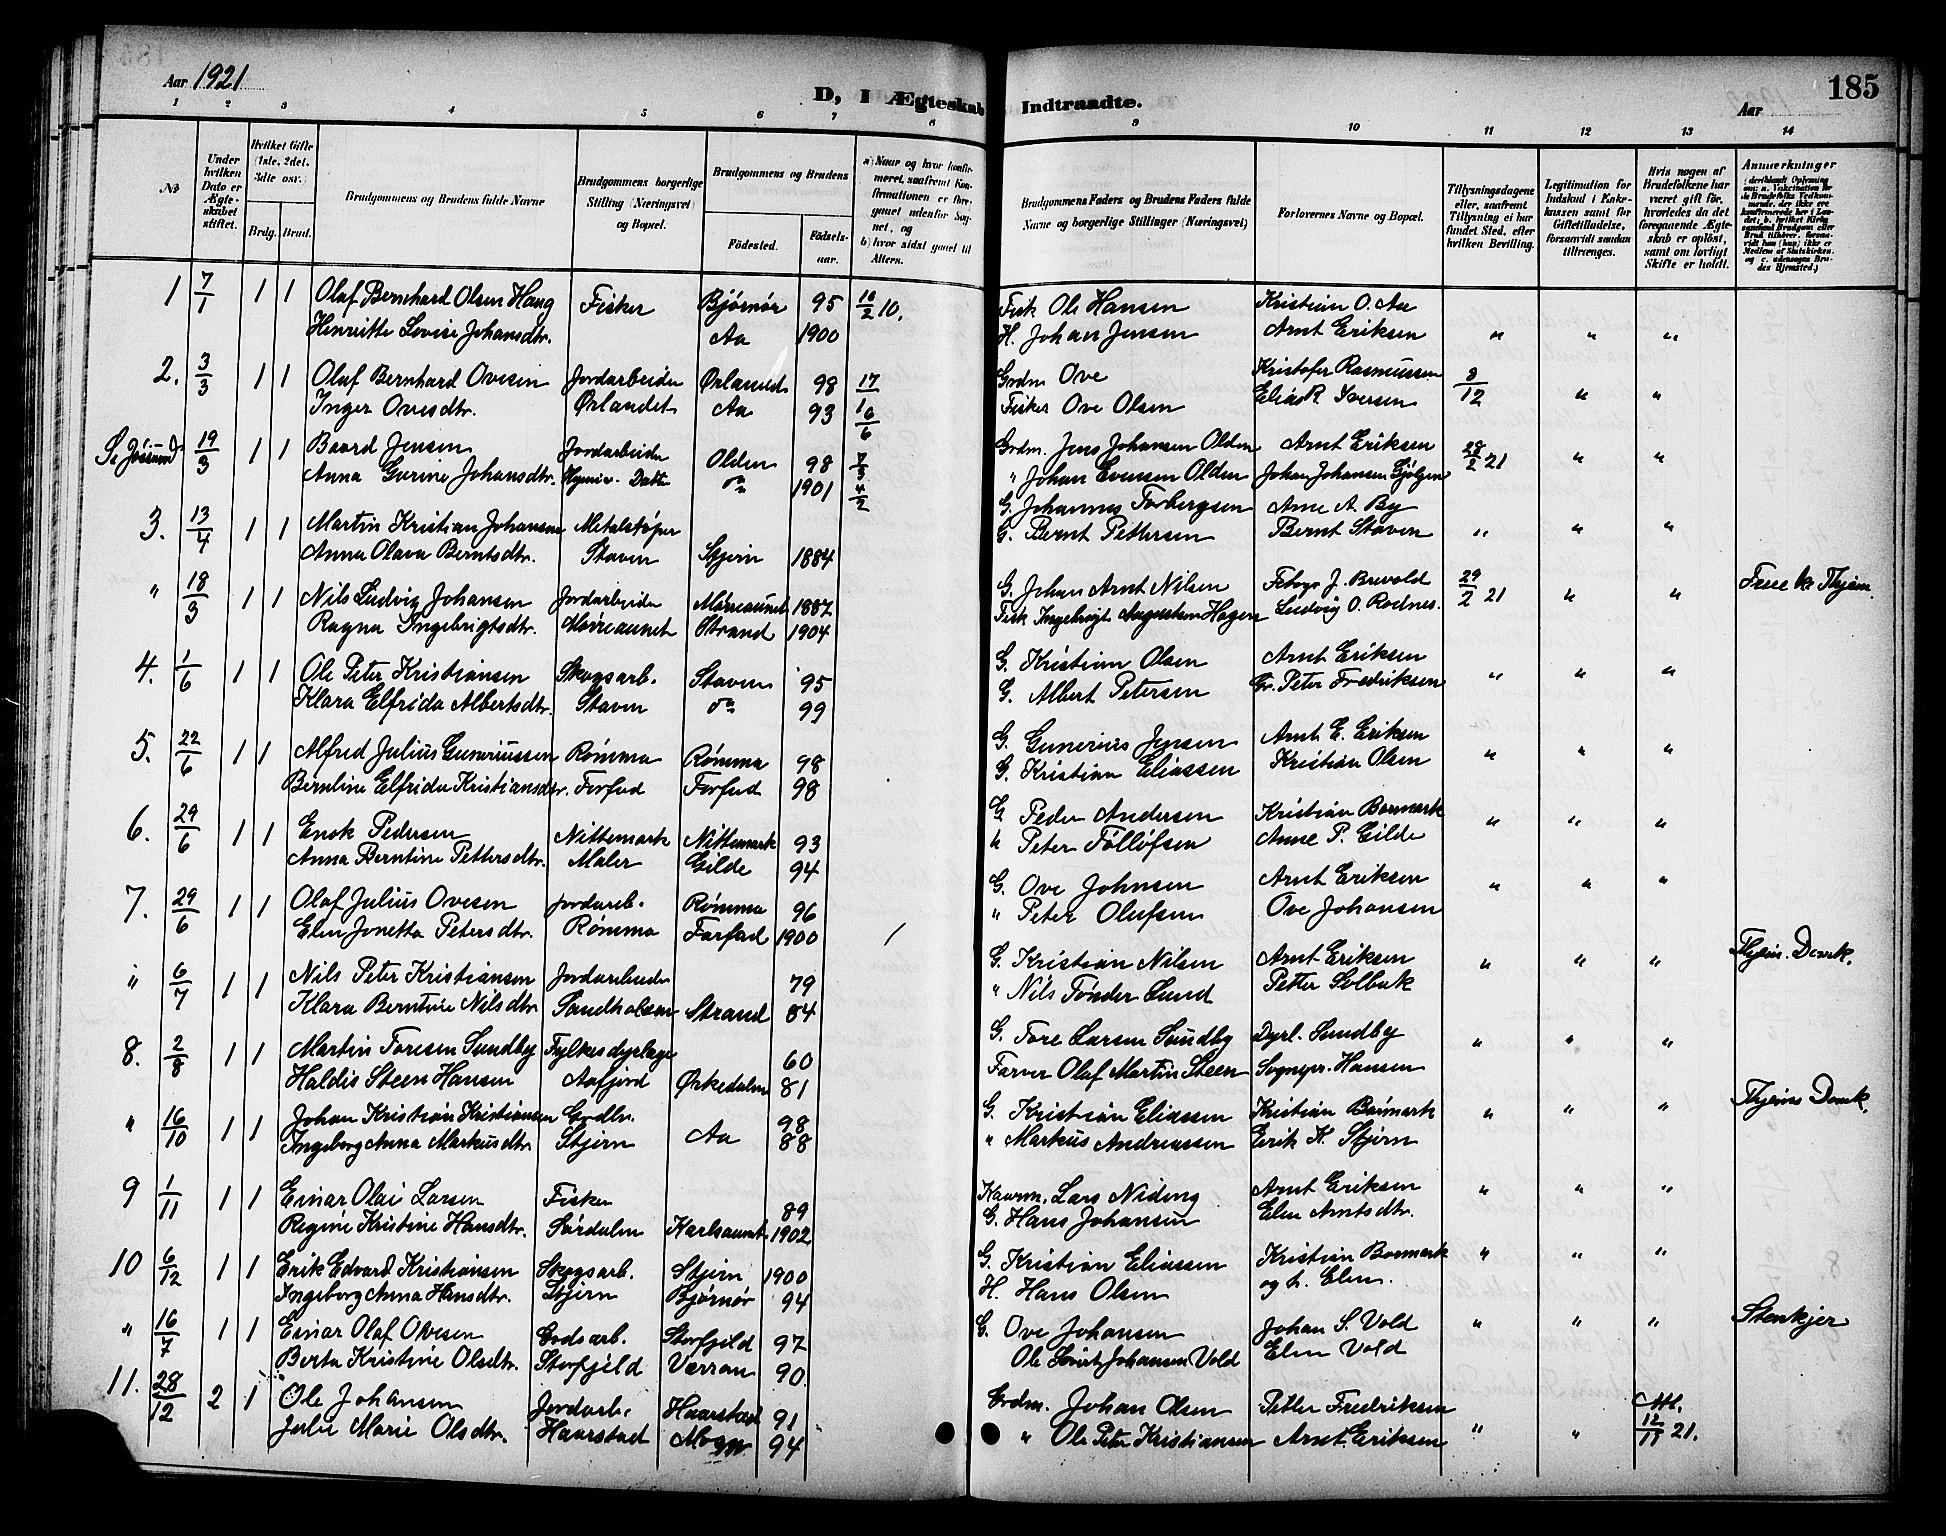 SAT, Ministerialprotokoller, klokkerbøker og fødselsregistre - Sør-Trøndelag, 655/L0688: Klokkerbok nr. 655C04, 1899-1922, s. 185